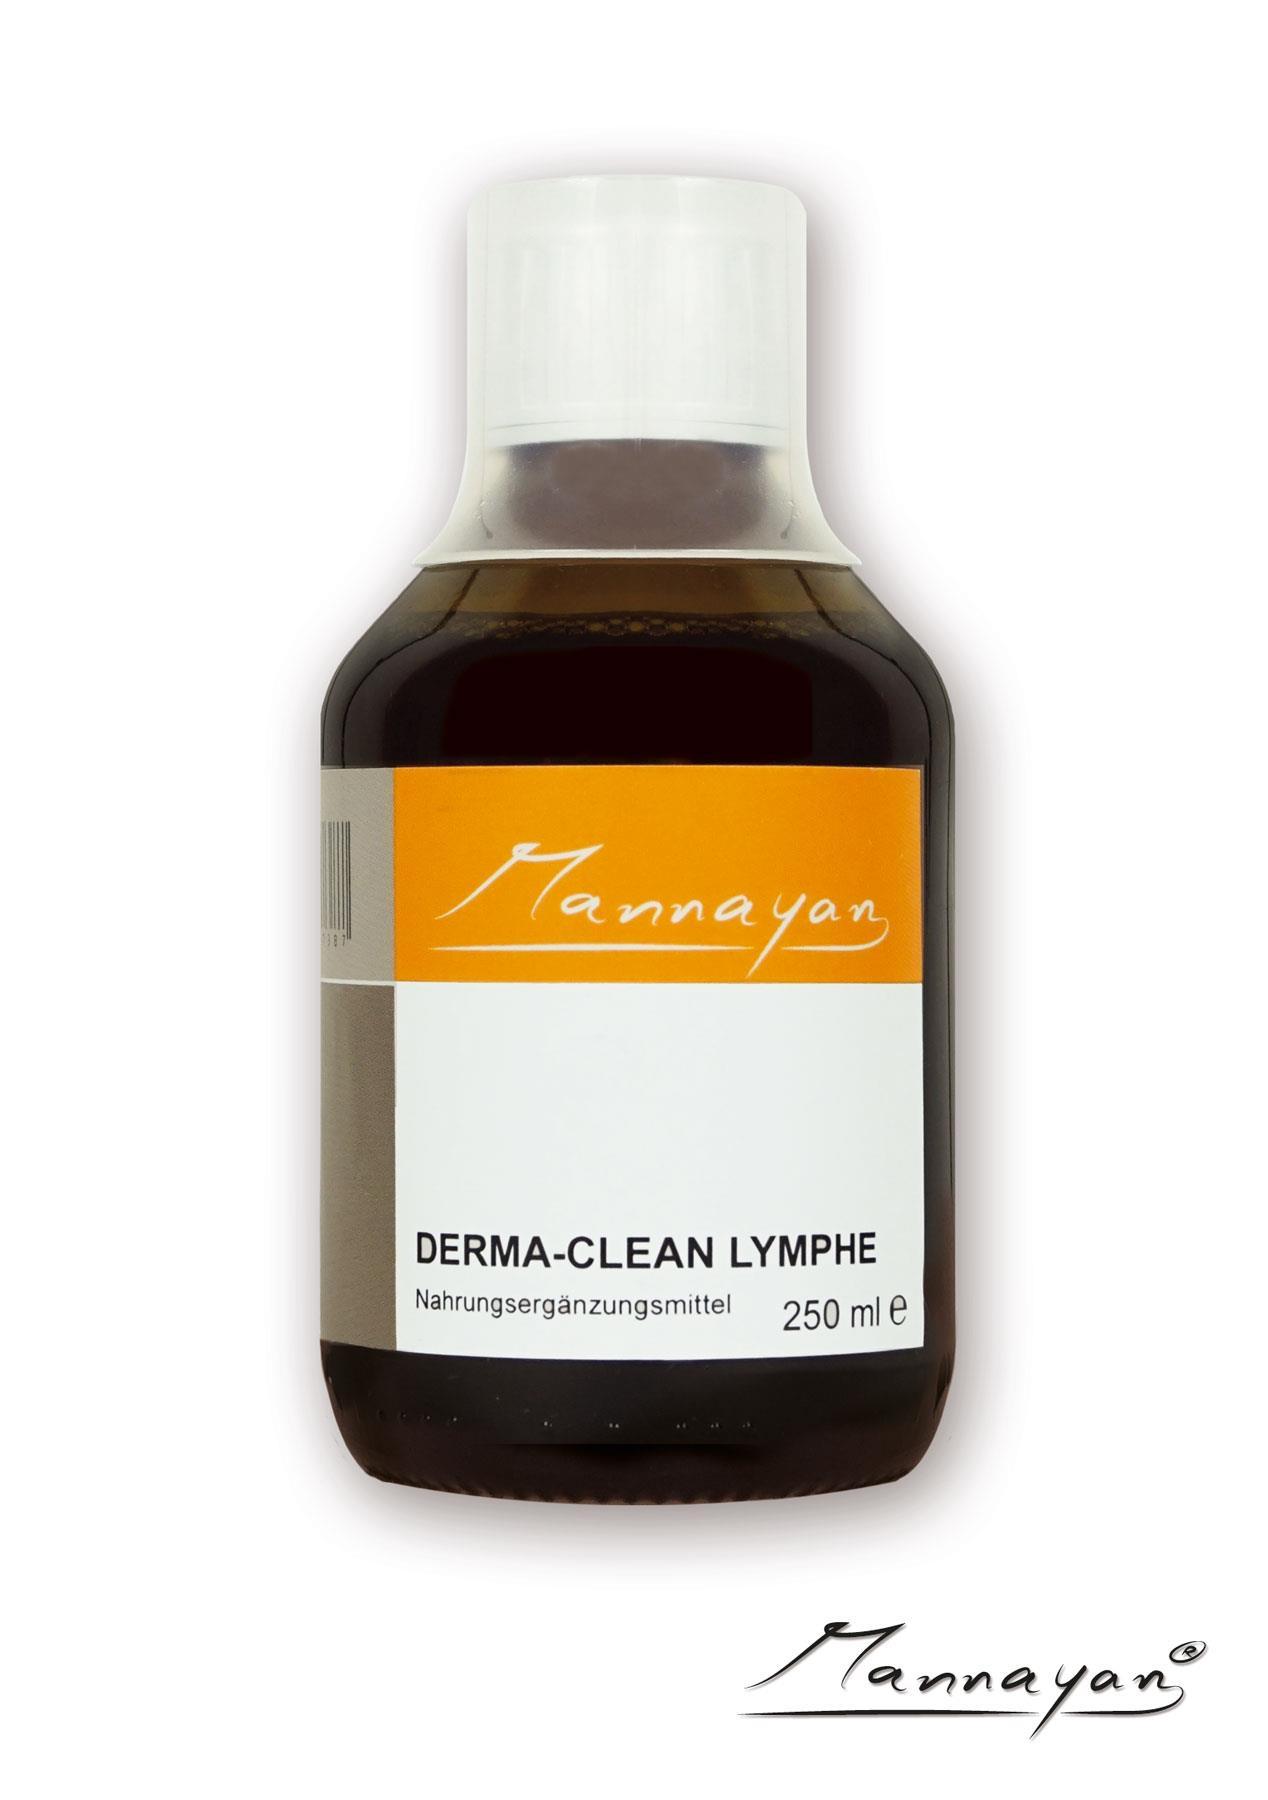 Derma Clean Lymphe von Mannayan